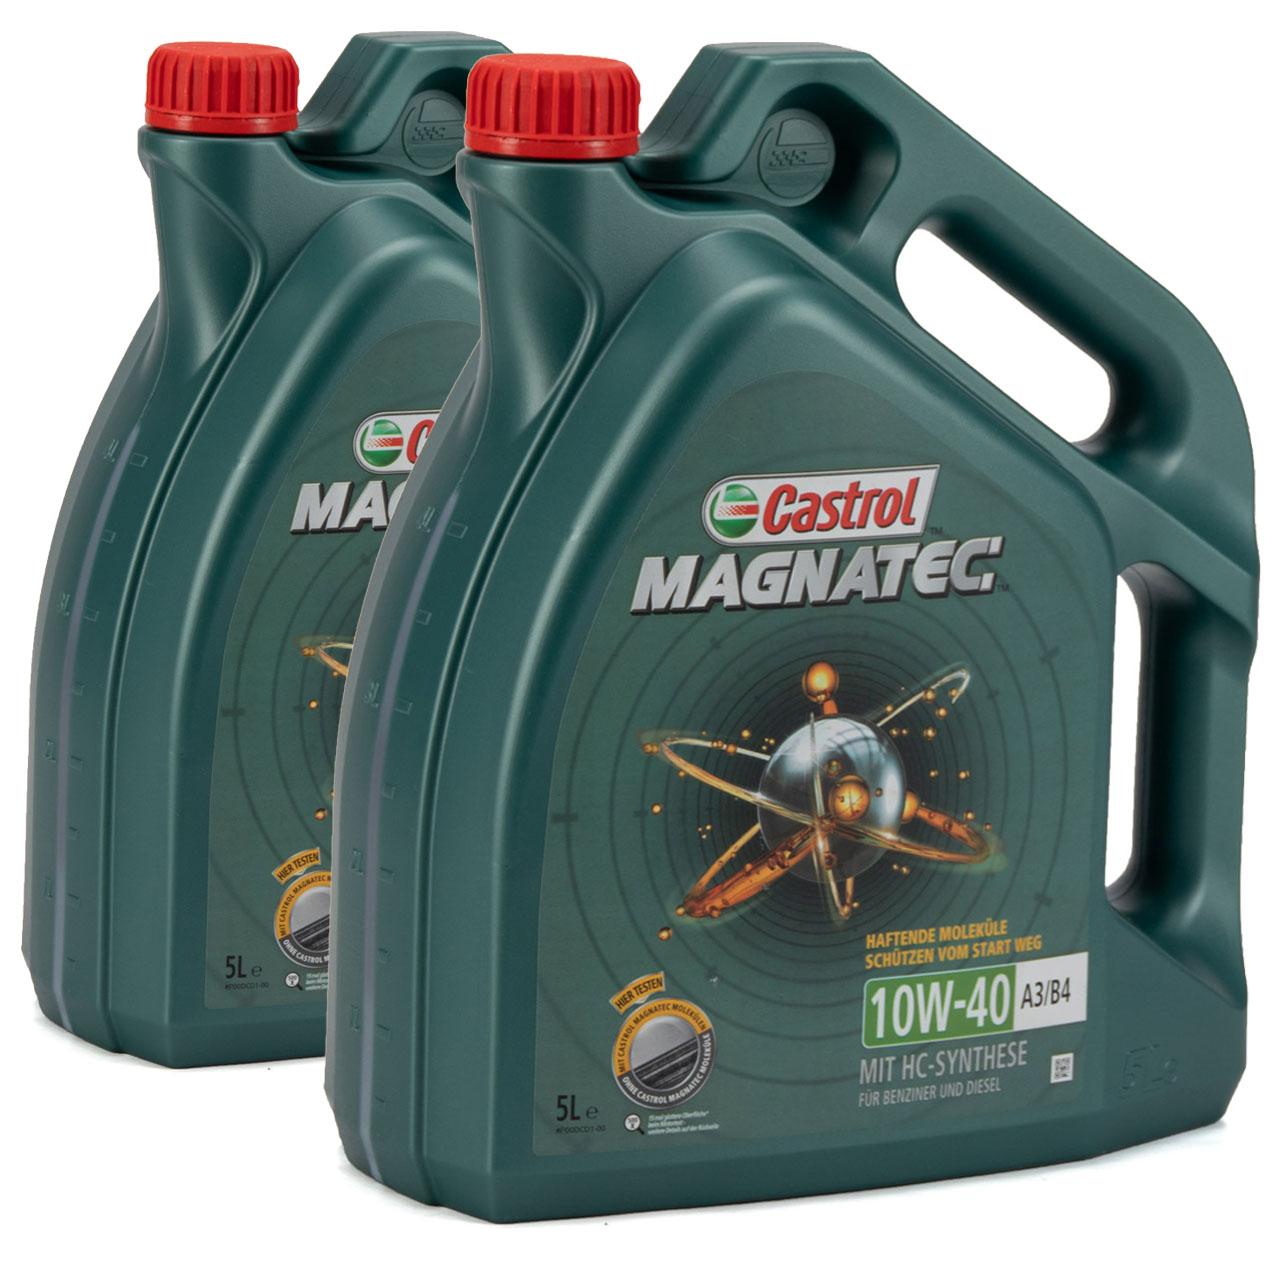 CASTROL Magnatec Motoröl Öl 10W40 A3/B4 MB 226.5 VW 501.01/505.00 - 10L 10 Liter